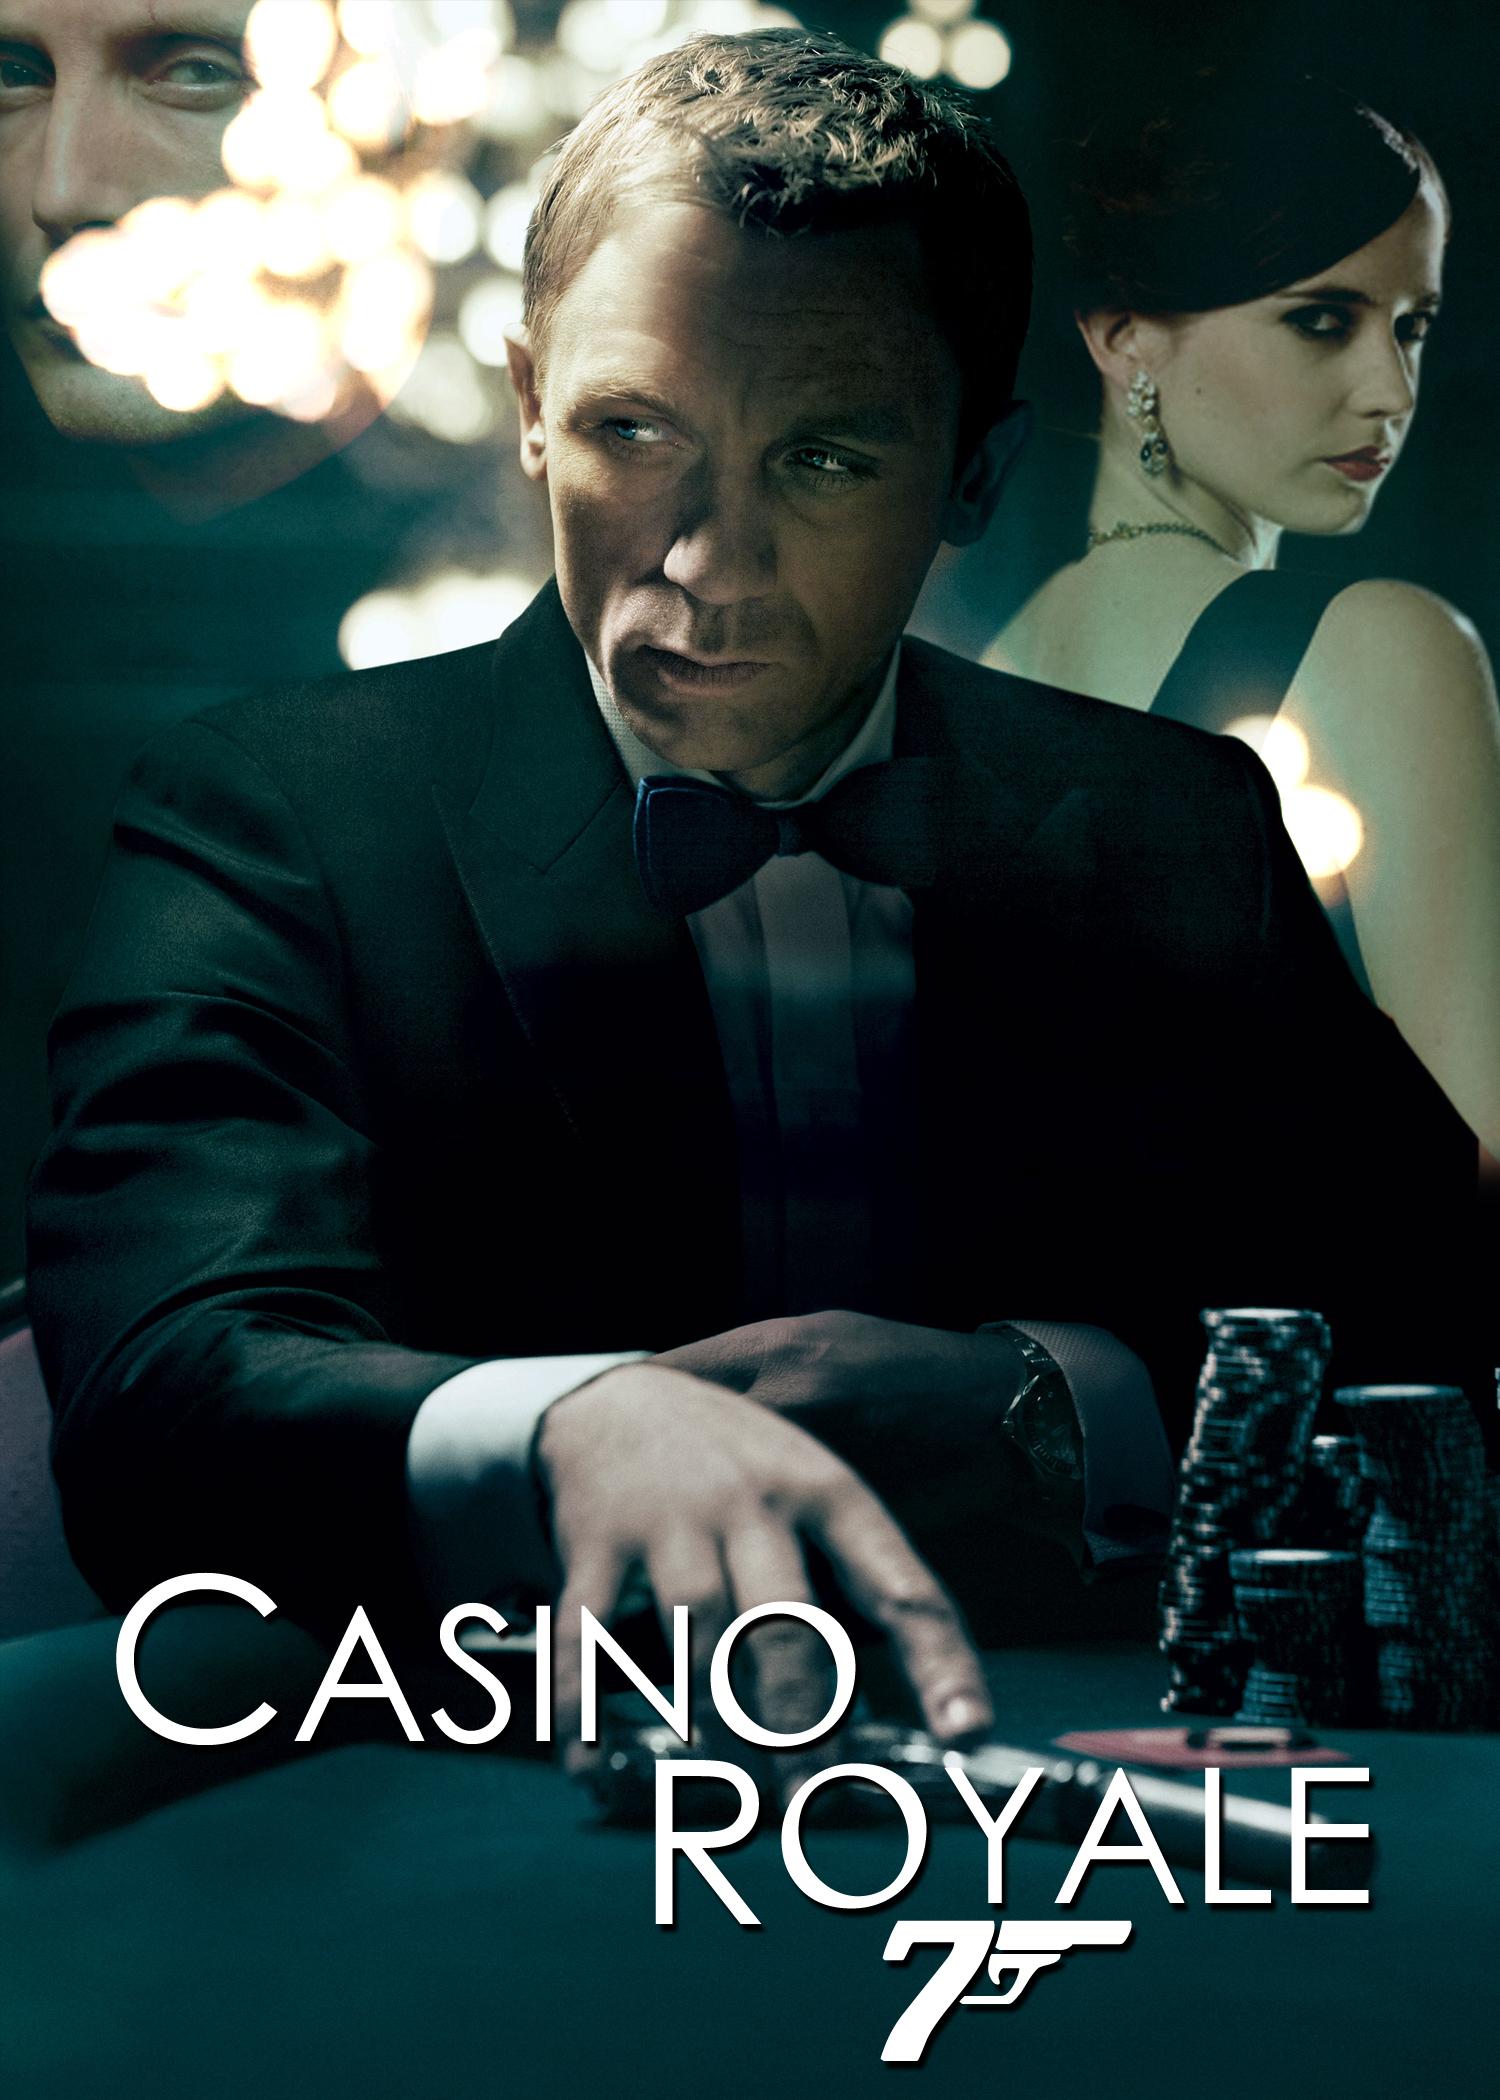 Casino royale plot spoiler